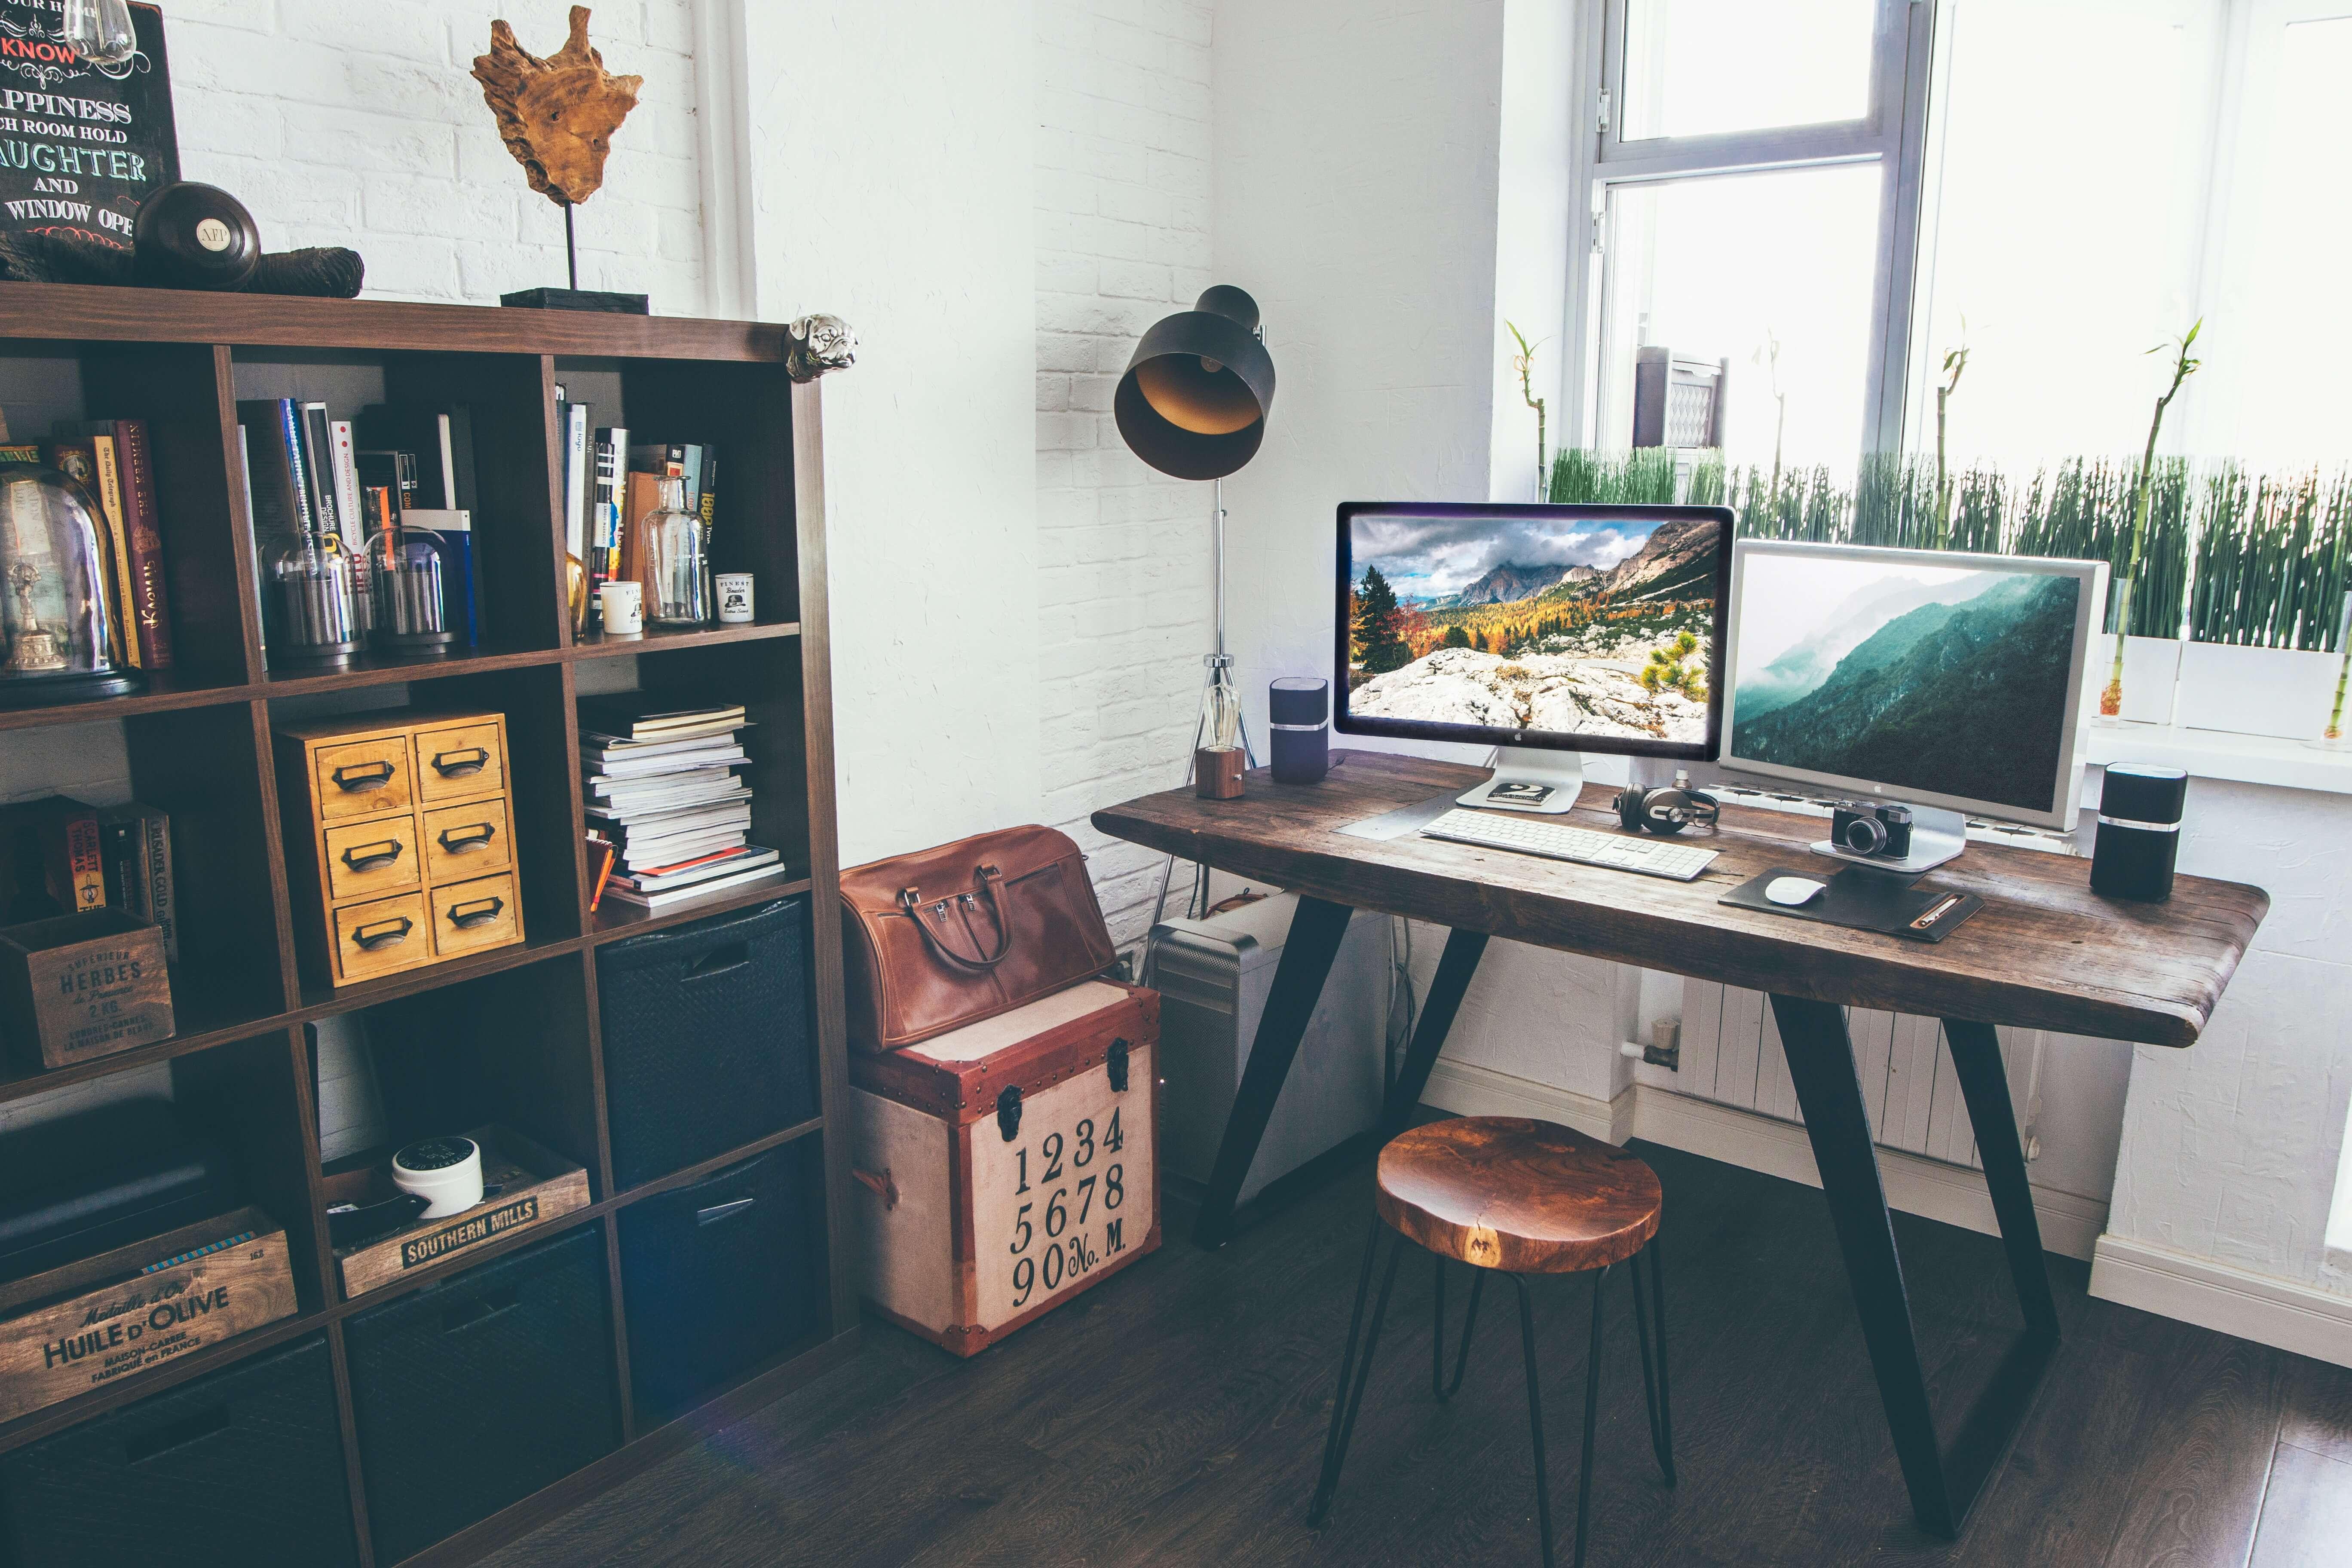 vadim sherbakov 277610 unsplash - Motivationswand als neuer Trend der perfekten Arbeitsecke